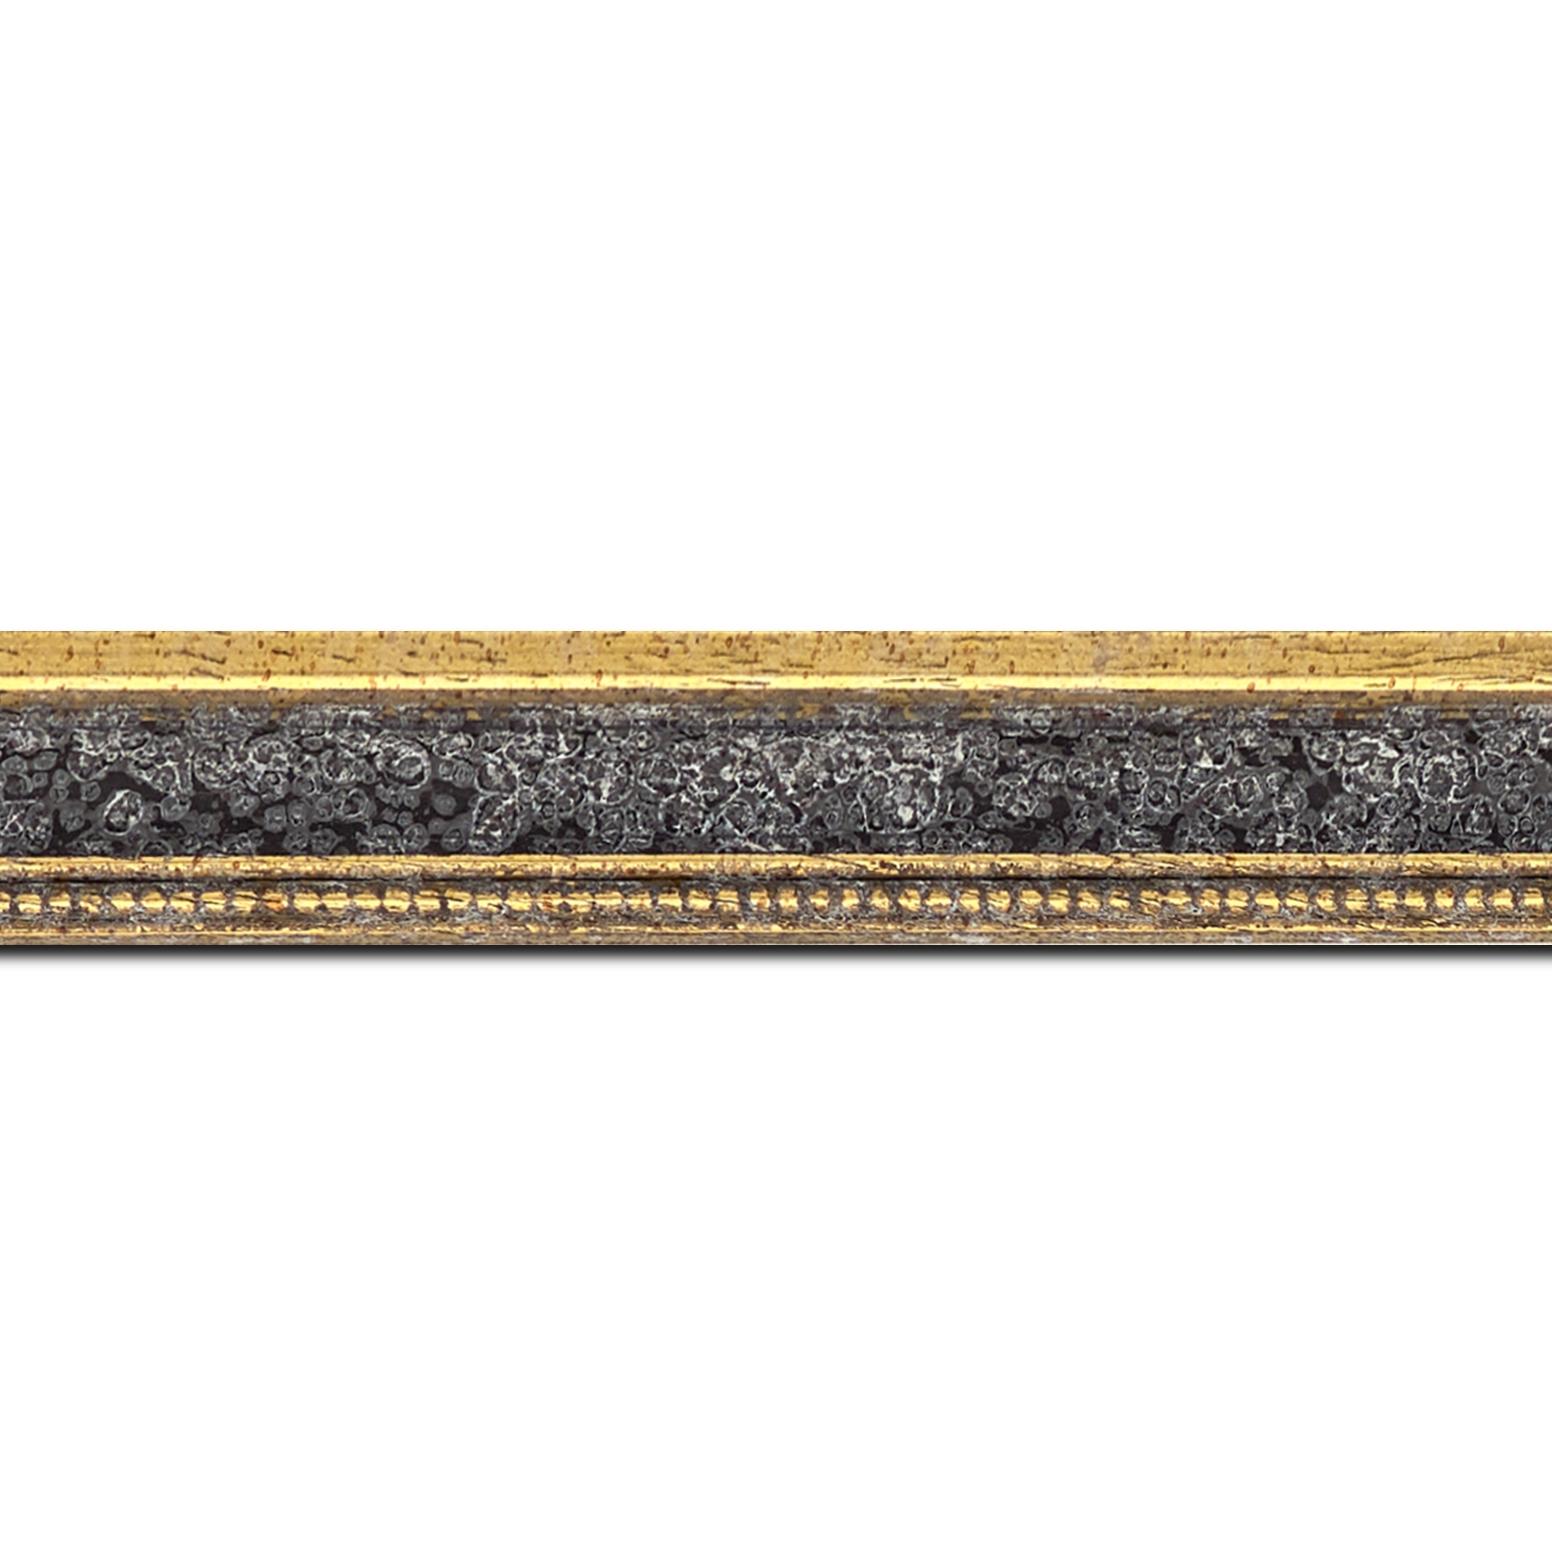 Baguette longueur 1.40m bois profil incuvé largeur 2.4cm  or antique gorge gris vieilli filet perle or